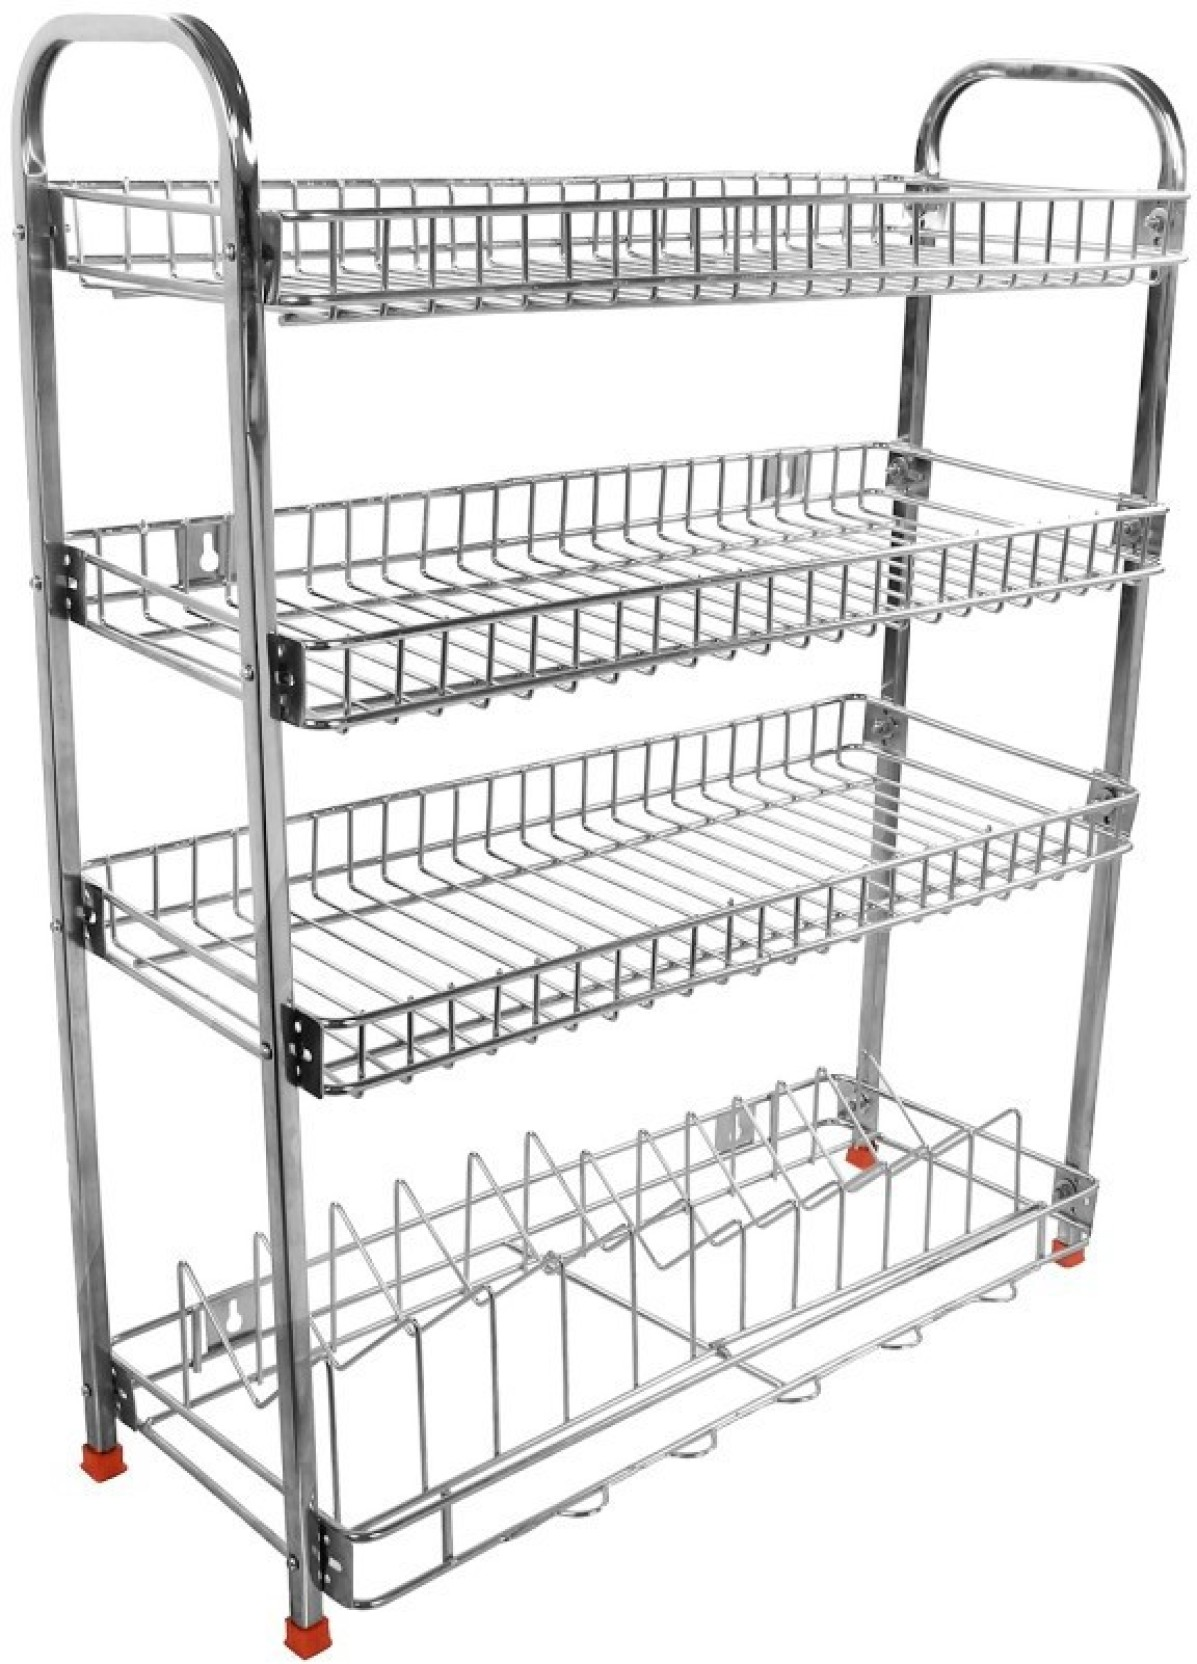 Balaji enterprises mudular stainless steel kitchen rack steel